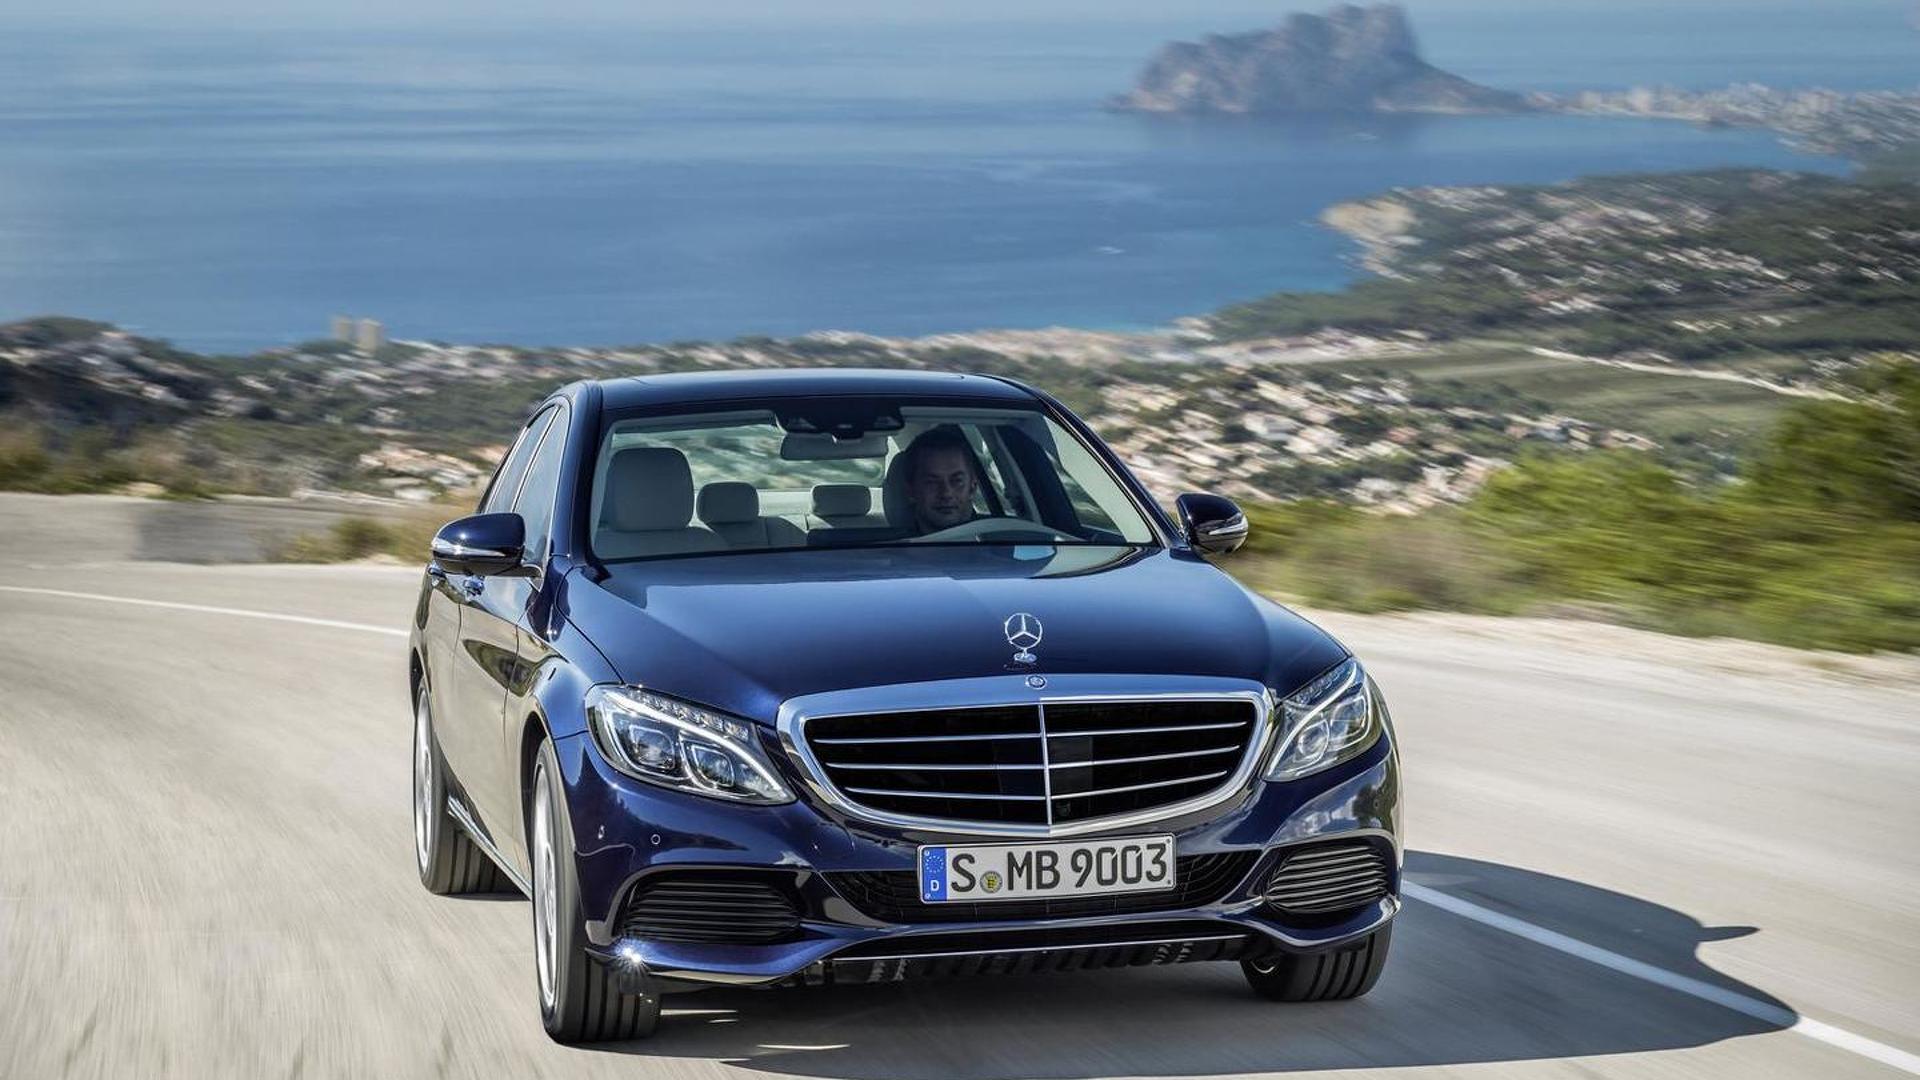 Mercedes Benz C Class News And Reviews Motor1 Com